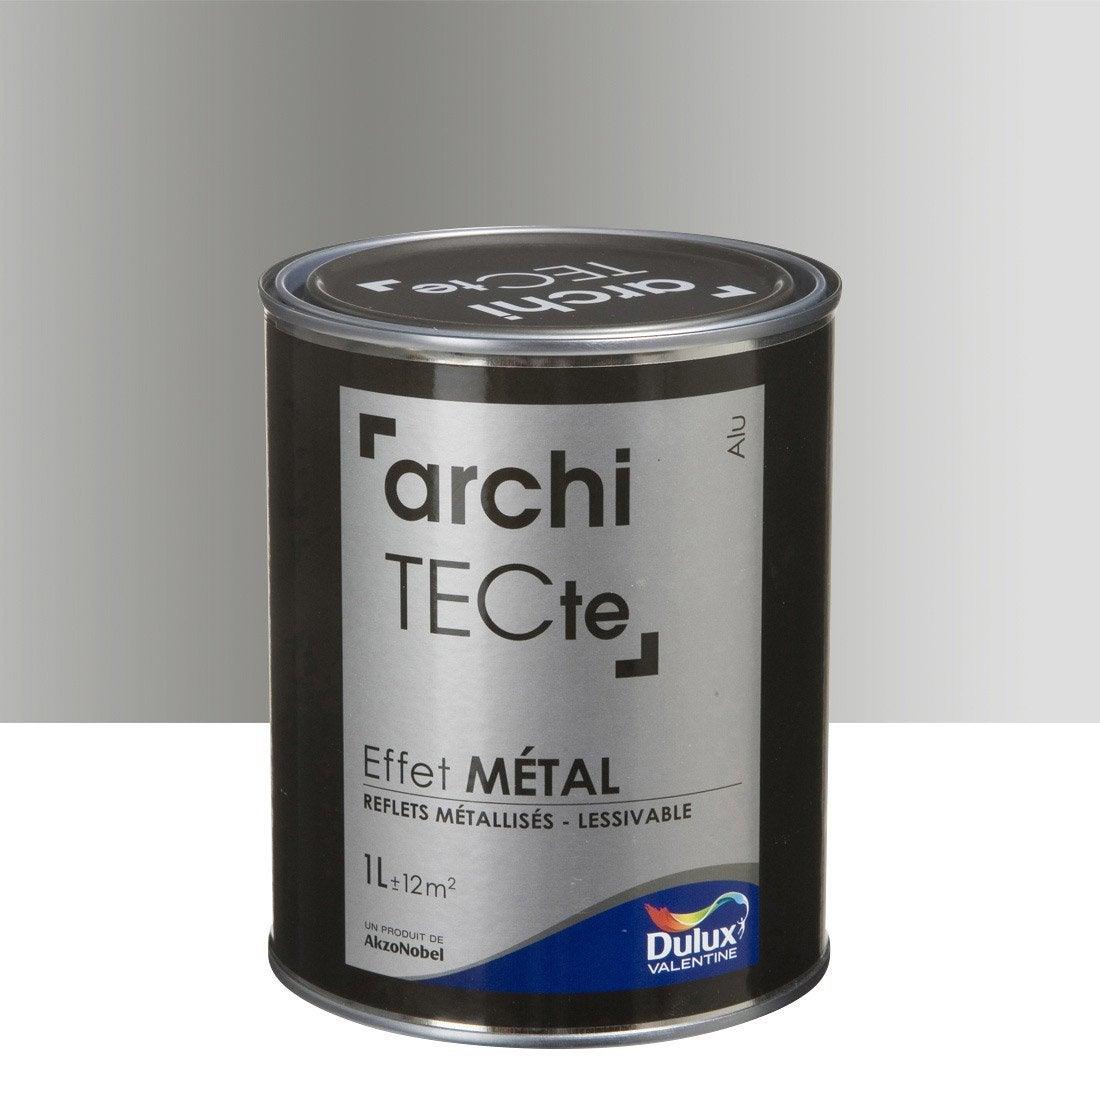 Peinture D Corative Architecte Effet M Tal Dulux Valentine Gris Aluminium 1 L Leroy Merlin